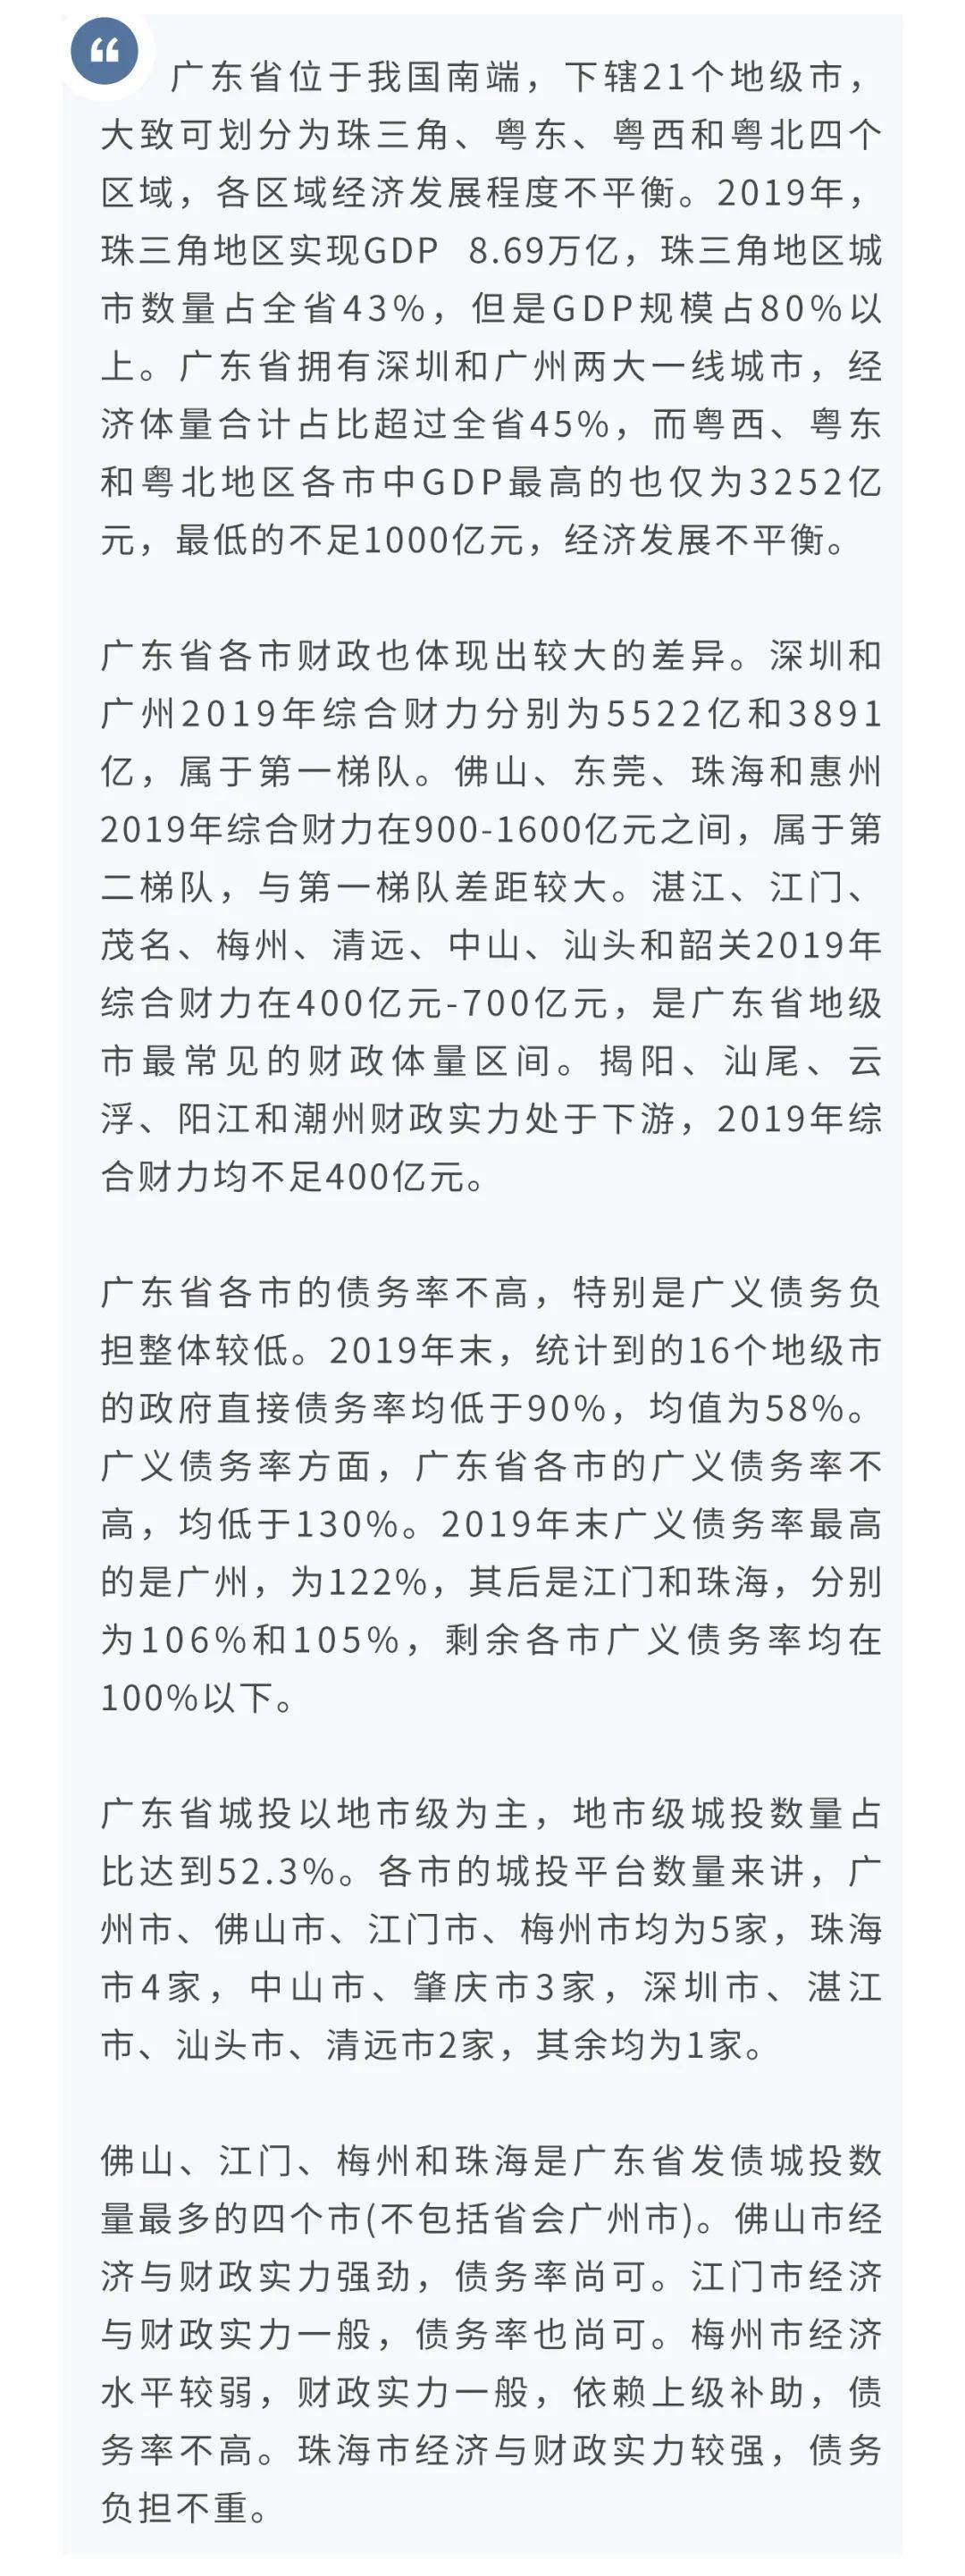 【信用】城投债区域研究系列报告之五十三—广东省城投研究(下)地市篇